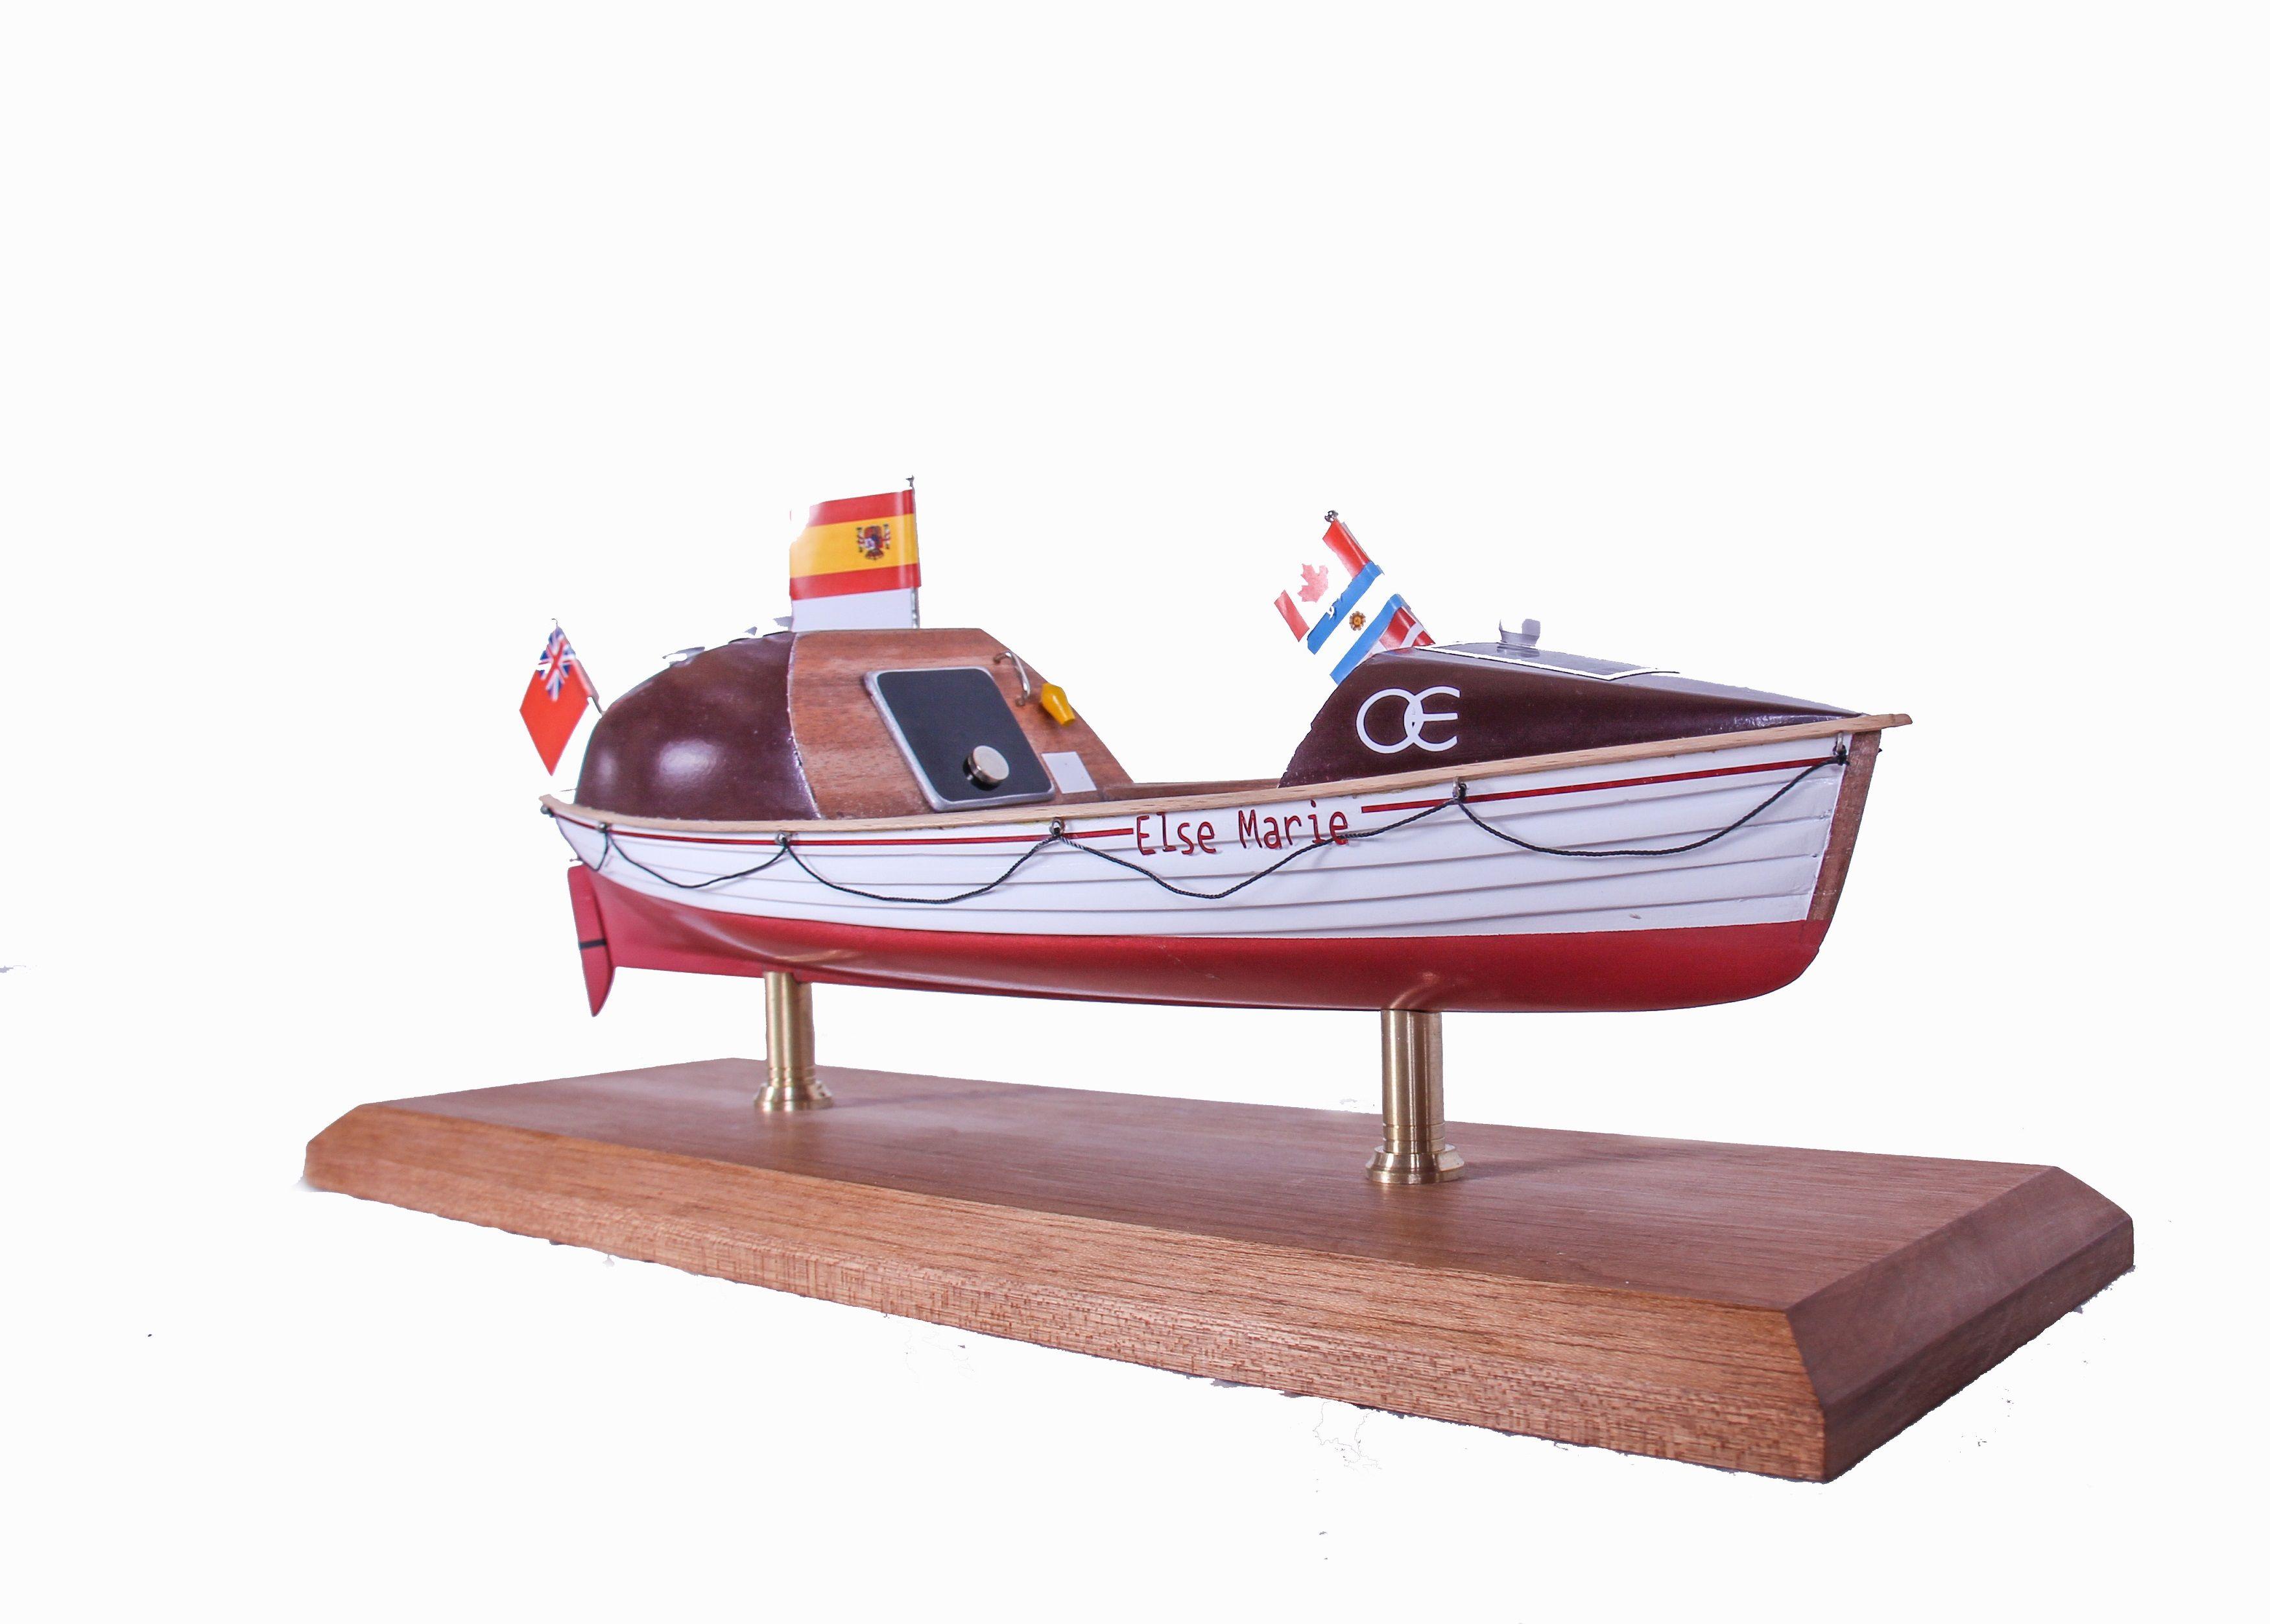 1687-9536-Else-Marie-Rowing-Boat